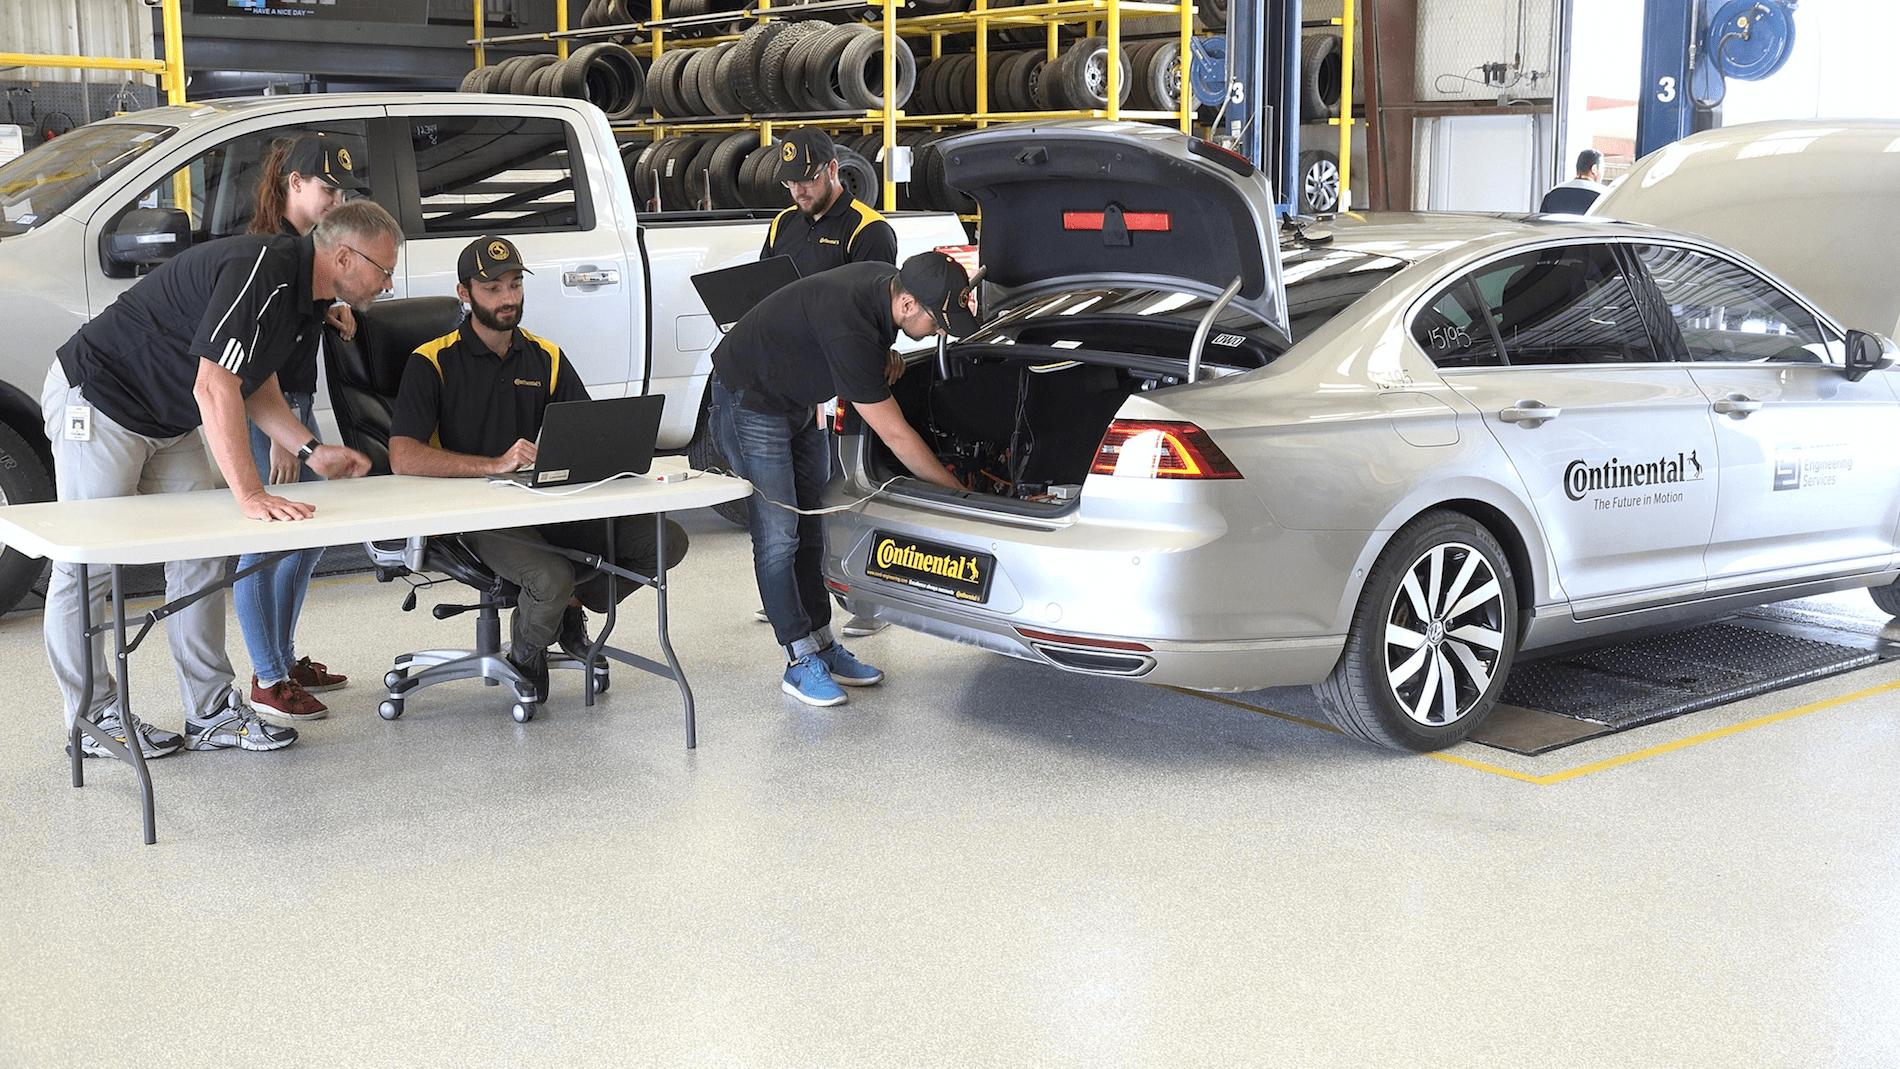 Continental начала тестировать шины при помощи беспилотных автомобилей